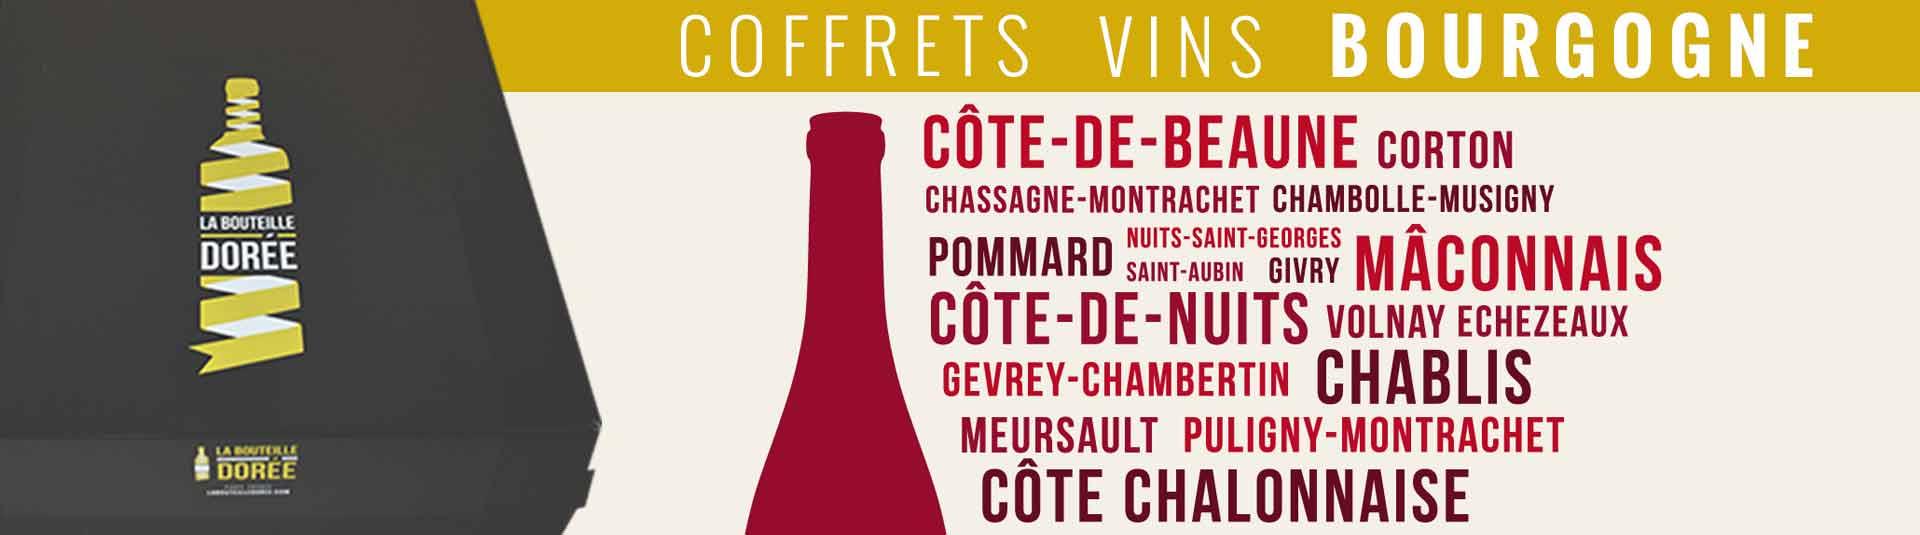 Box cadeau vins de Bourgogne